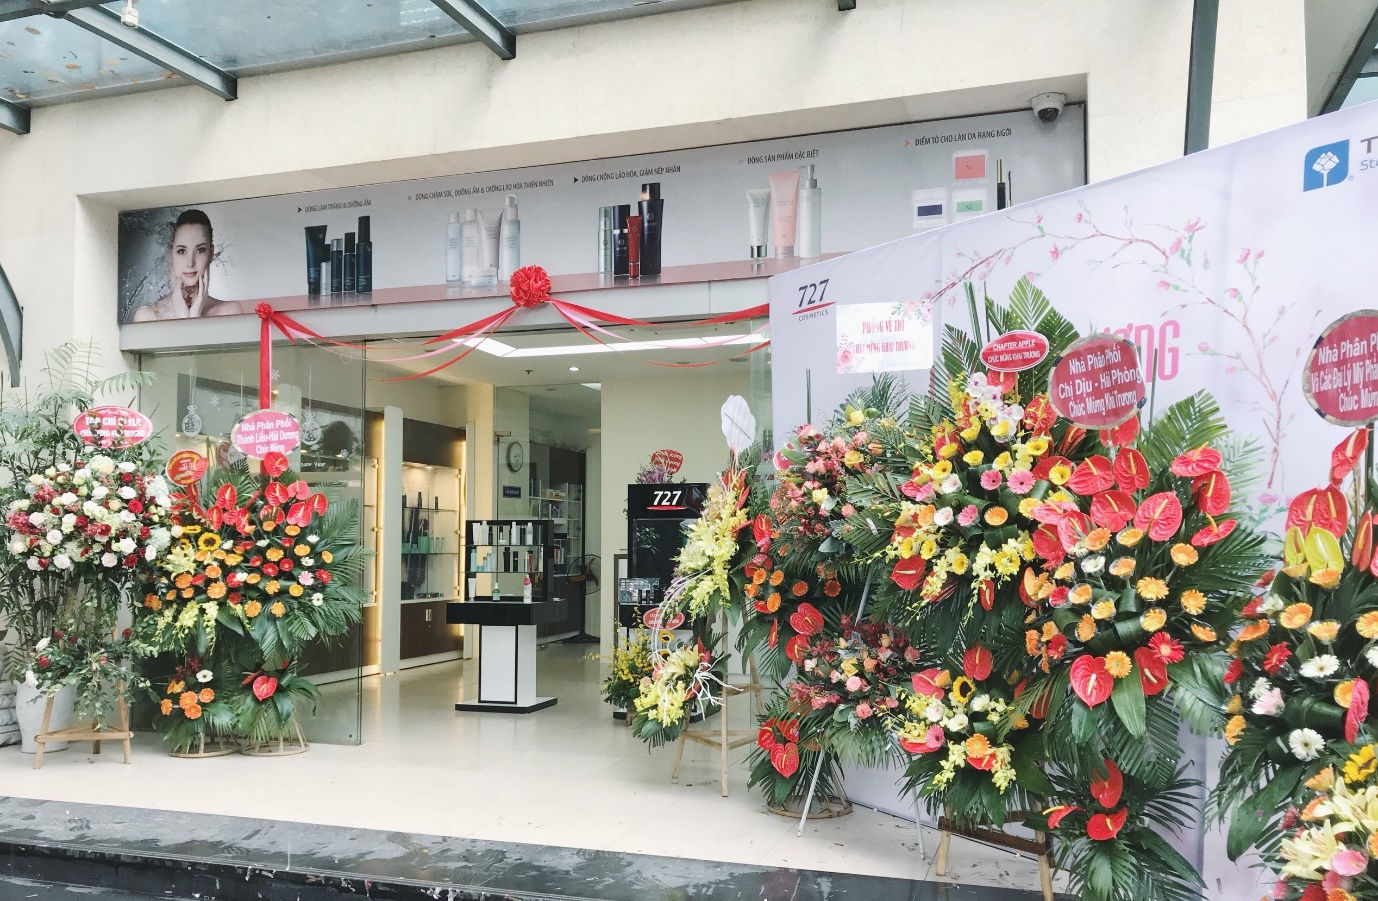 Thương hiệu mỹ phẩm 727 Việt Nam từng bước khẳng định vị thế trong lĩnh vực chăm sóc da - Ảnh 1.